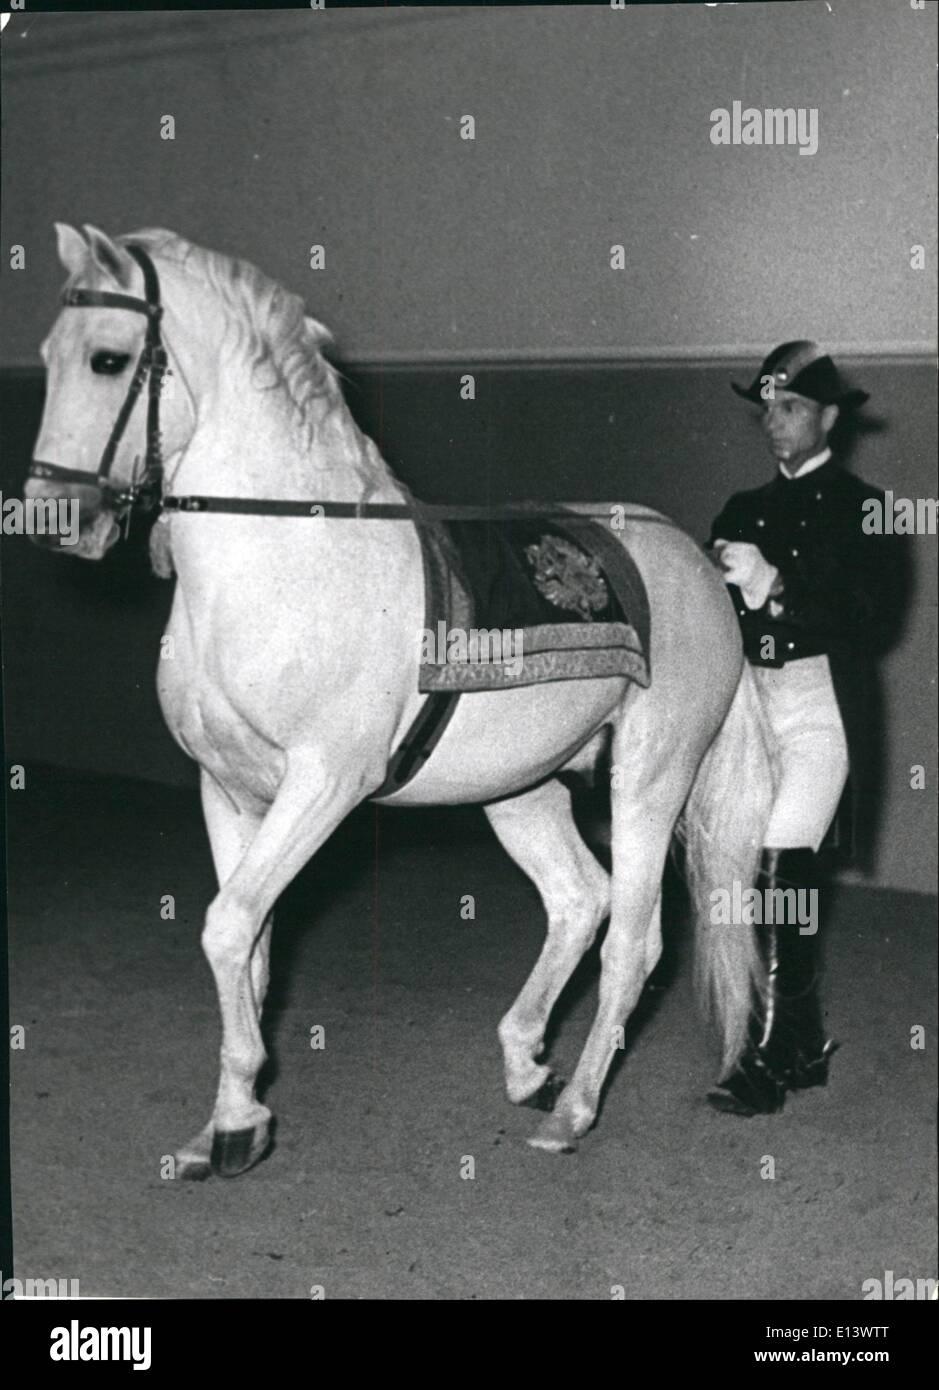 27 mar 2012 - La scuola di equitazione spagnola di Vienna. Immagini Stock